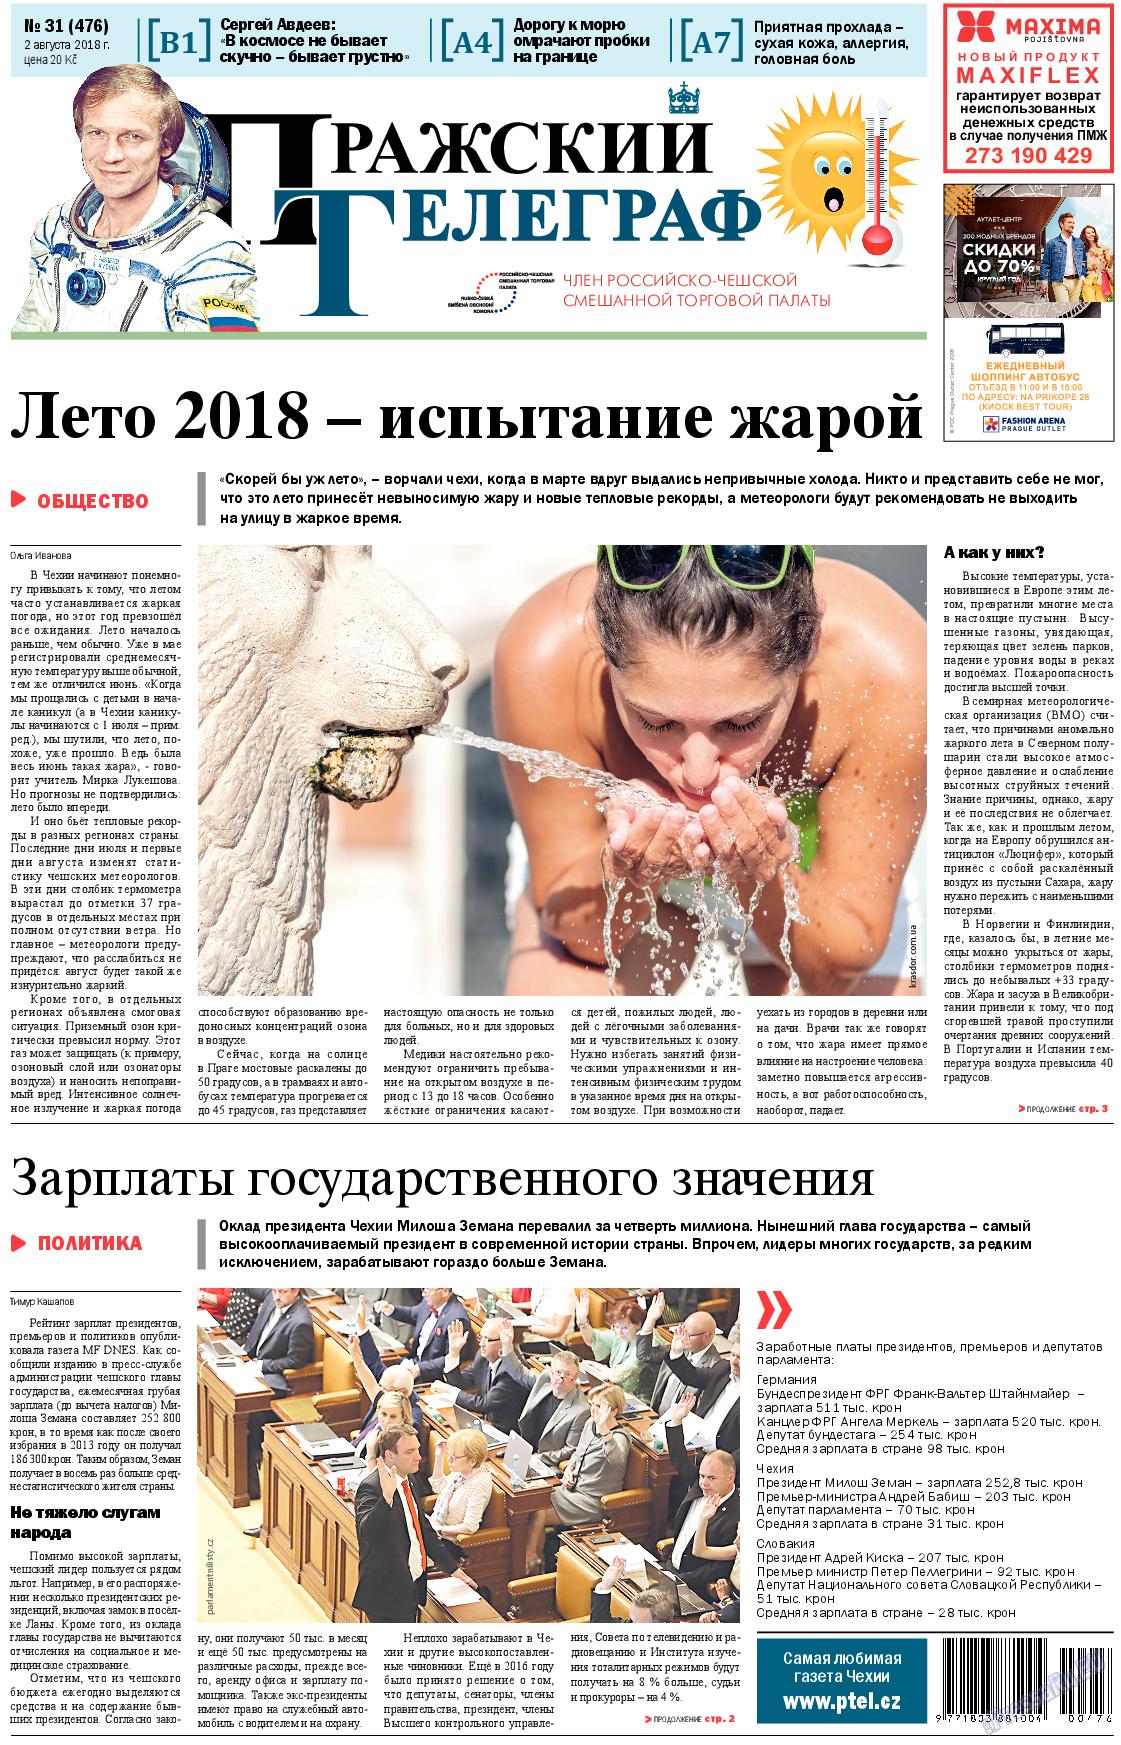 Пражский телеграф (газета). 2018 год, номер 31, стр. 1